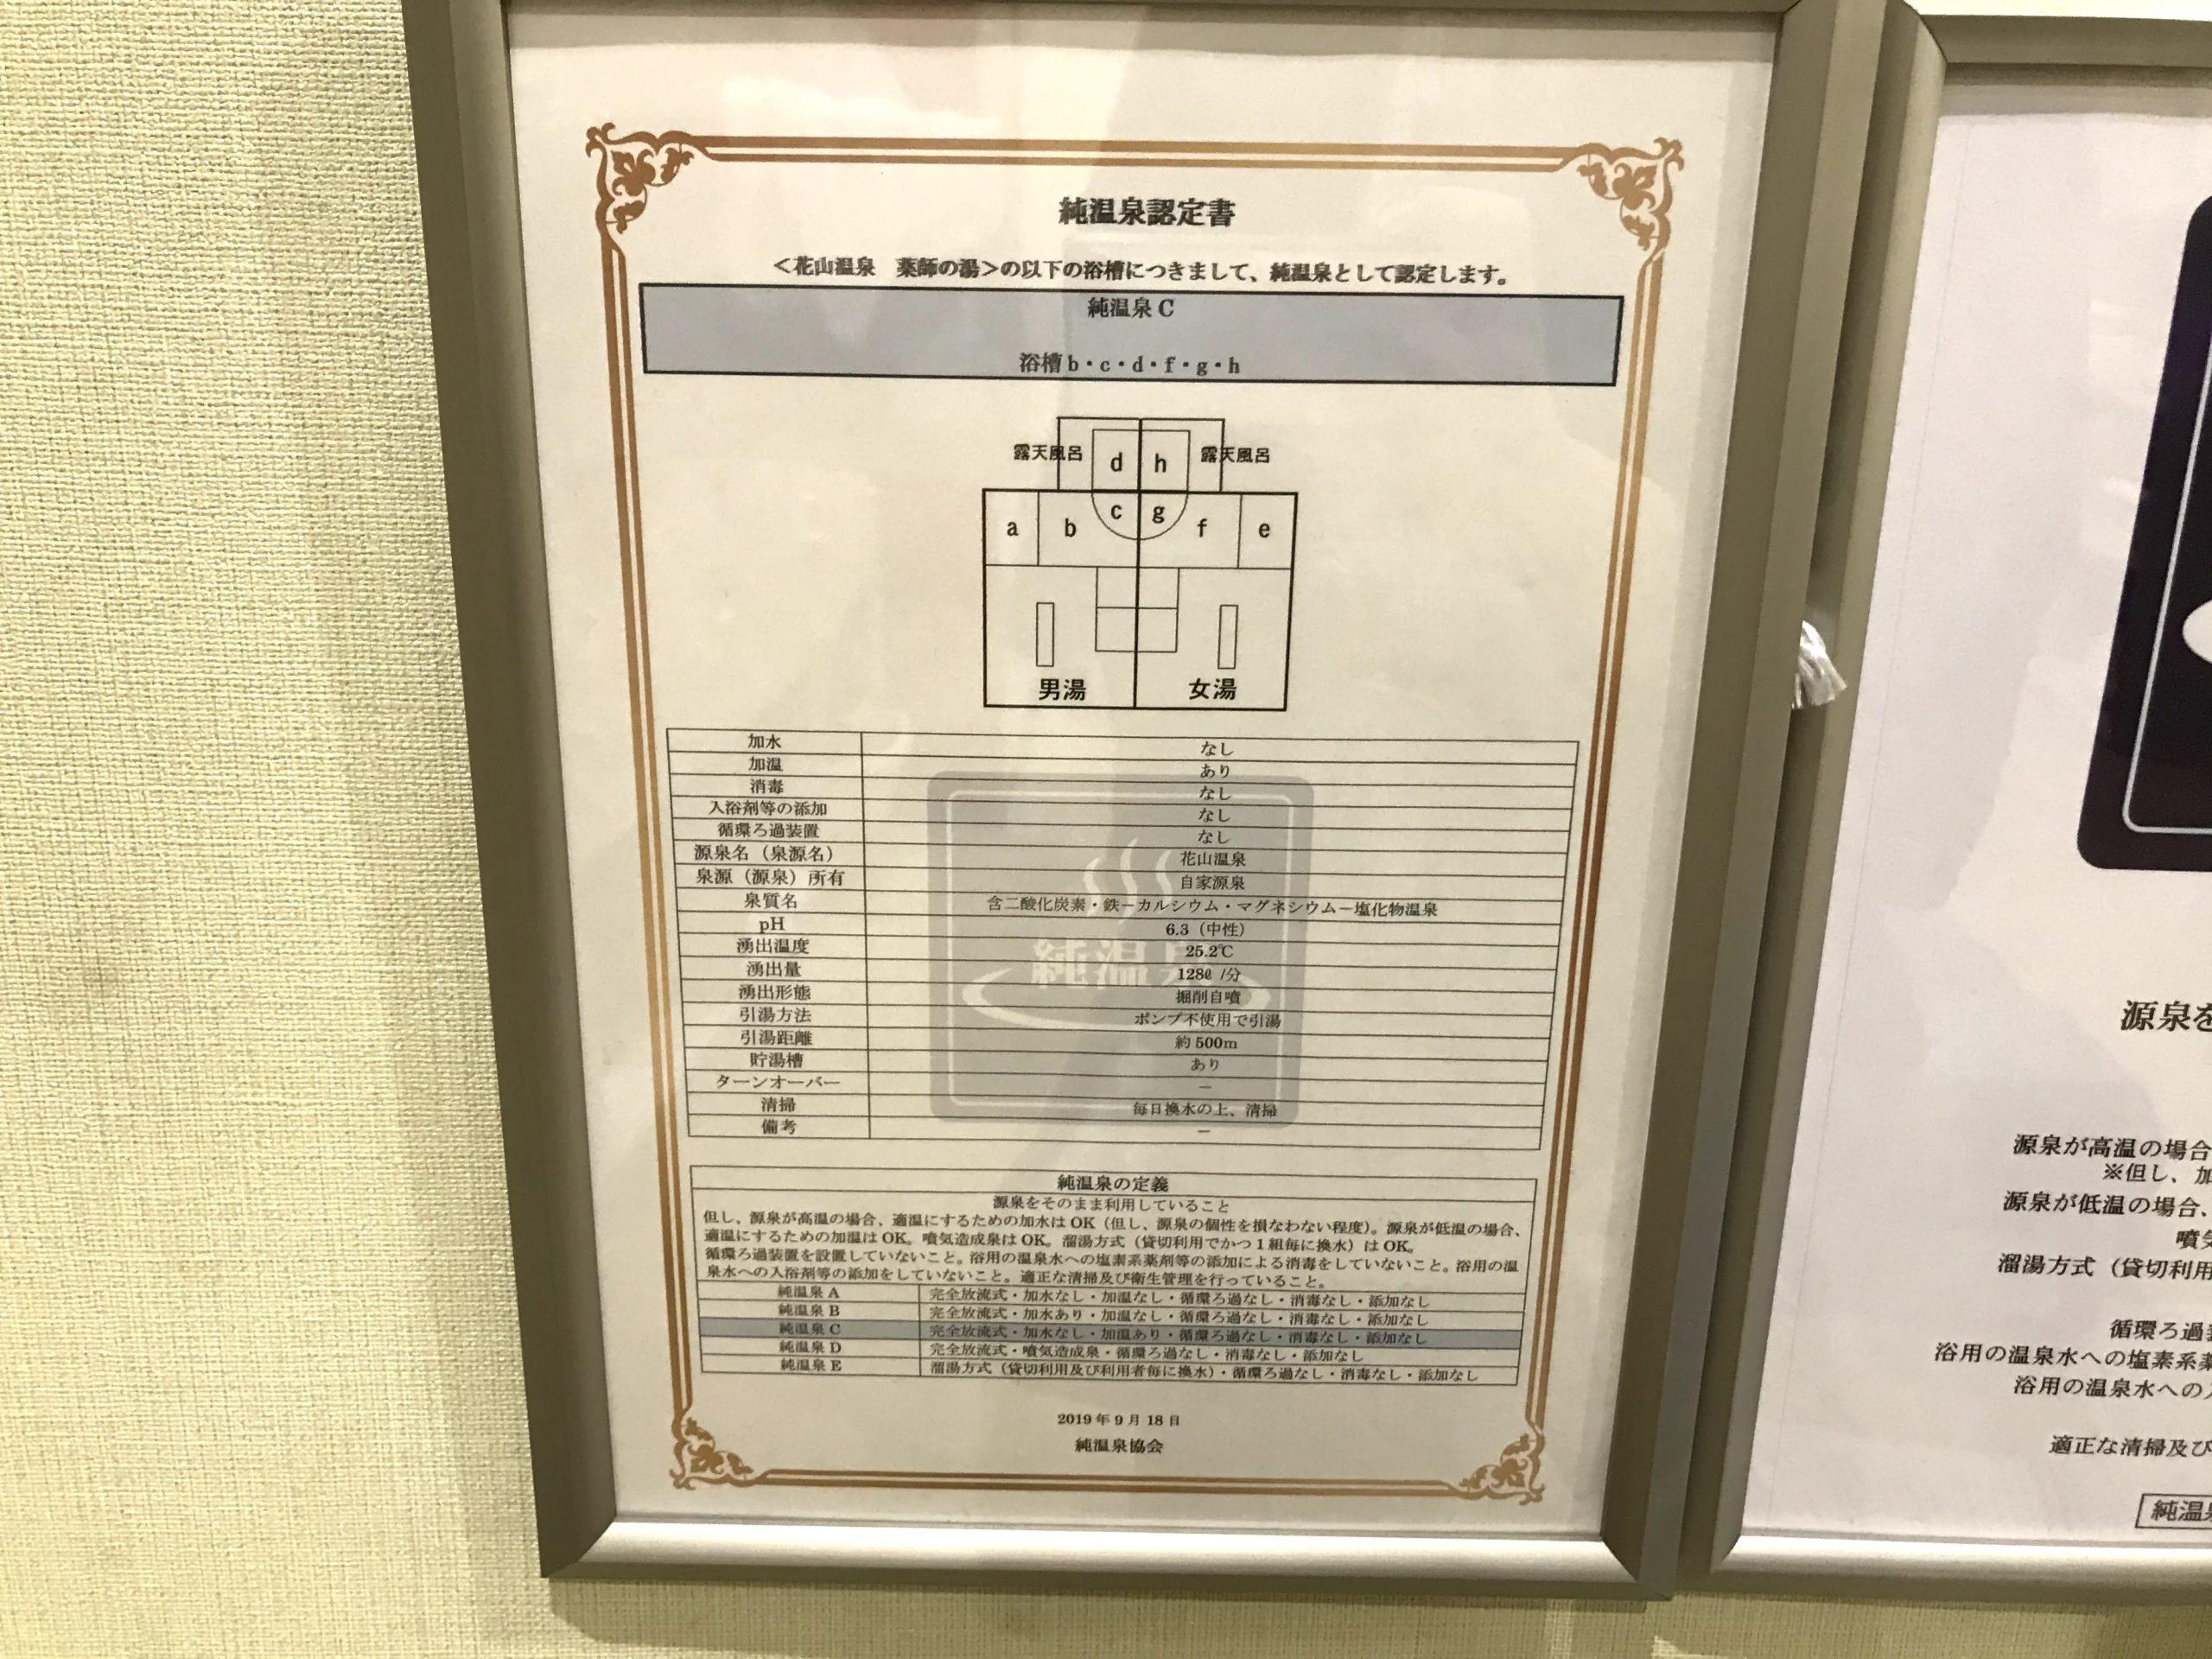 花山温泉_純温泉認定書(浴槽構成)